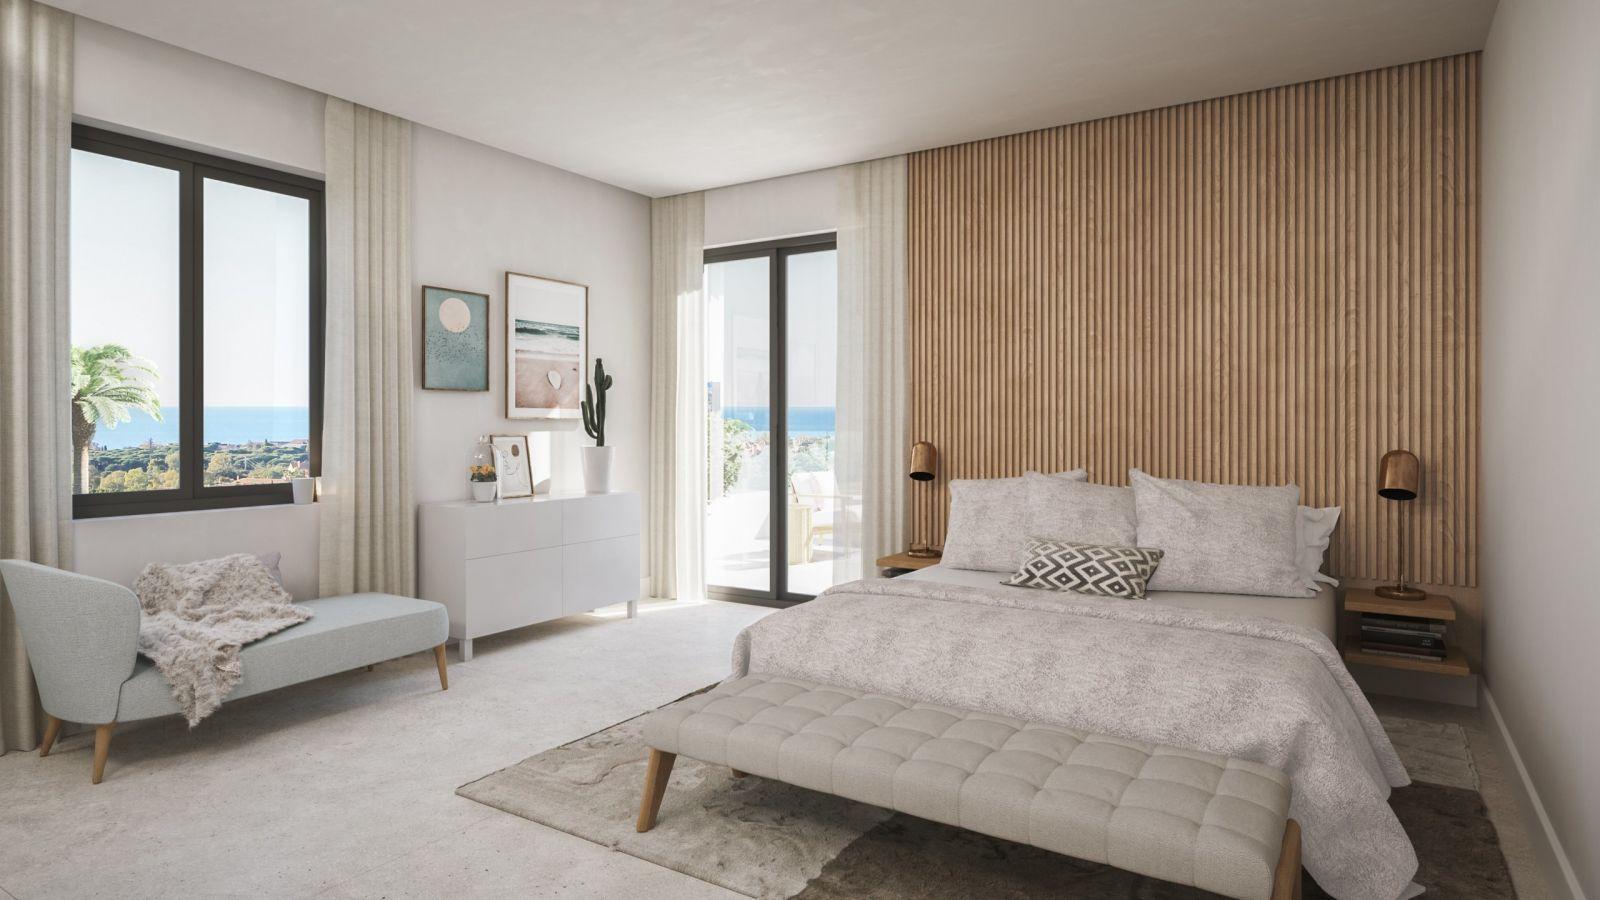 New Heaven Marbella Villas Elviria For Sale